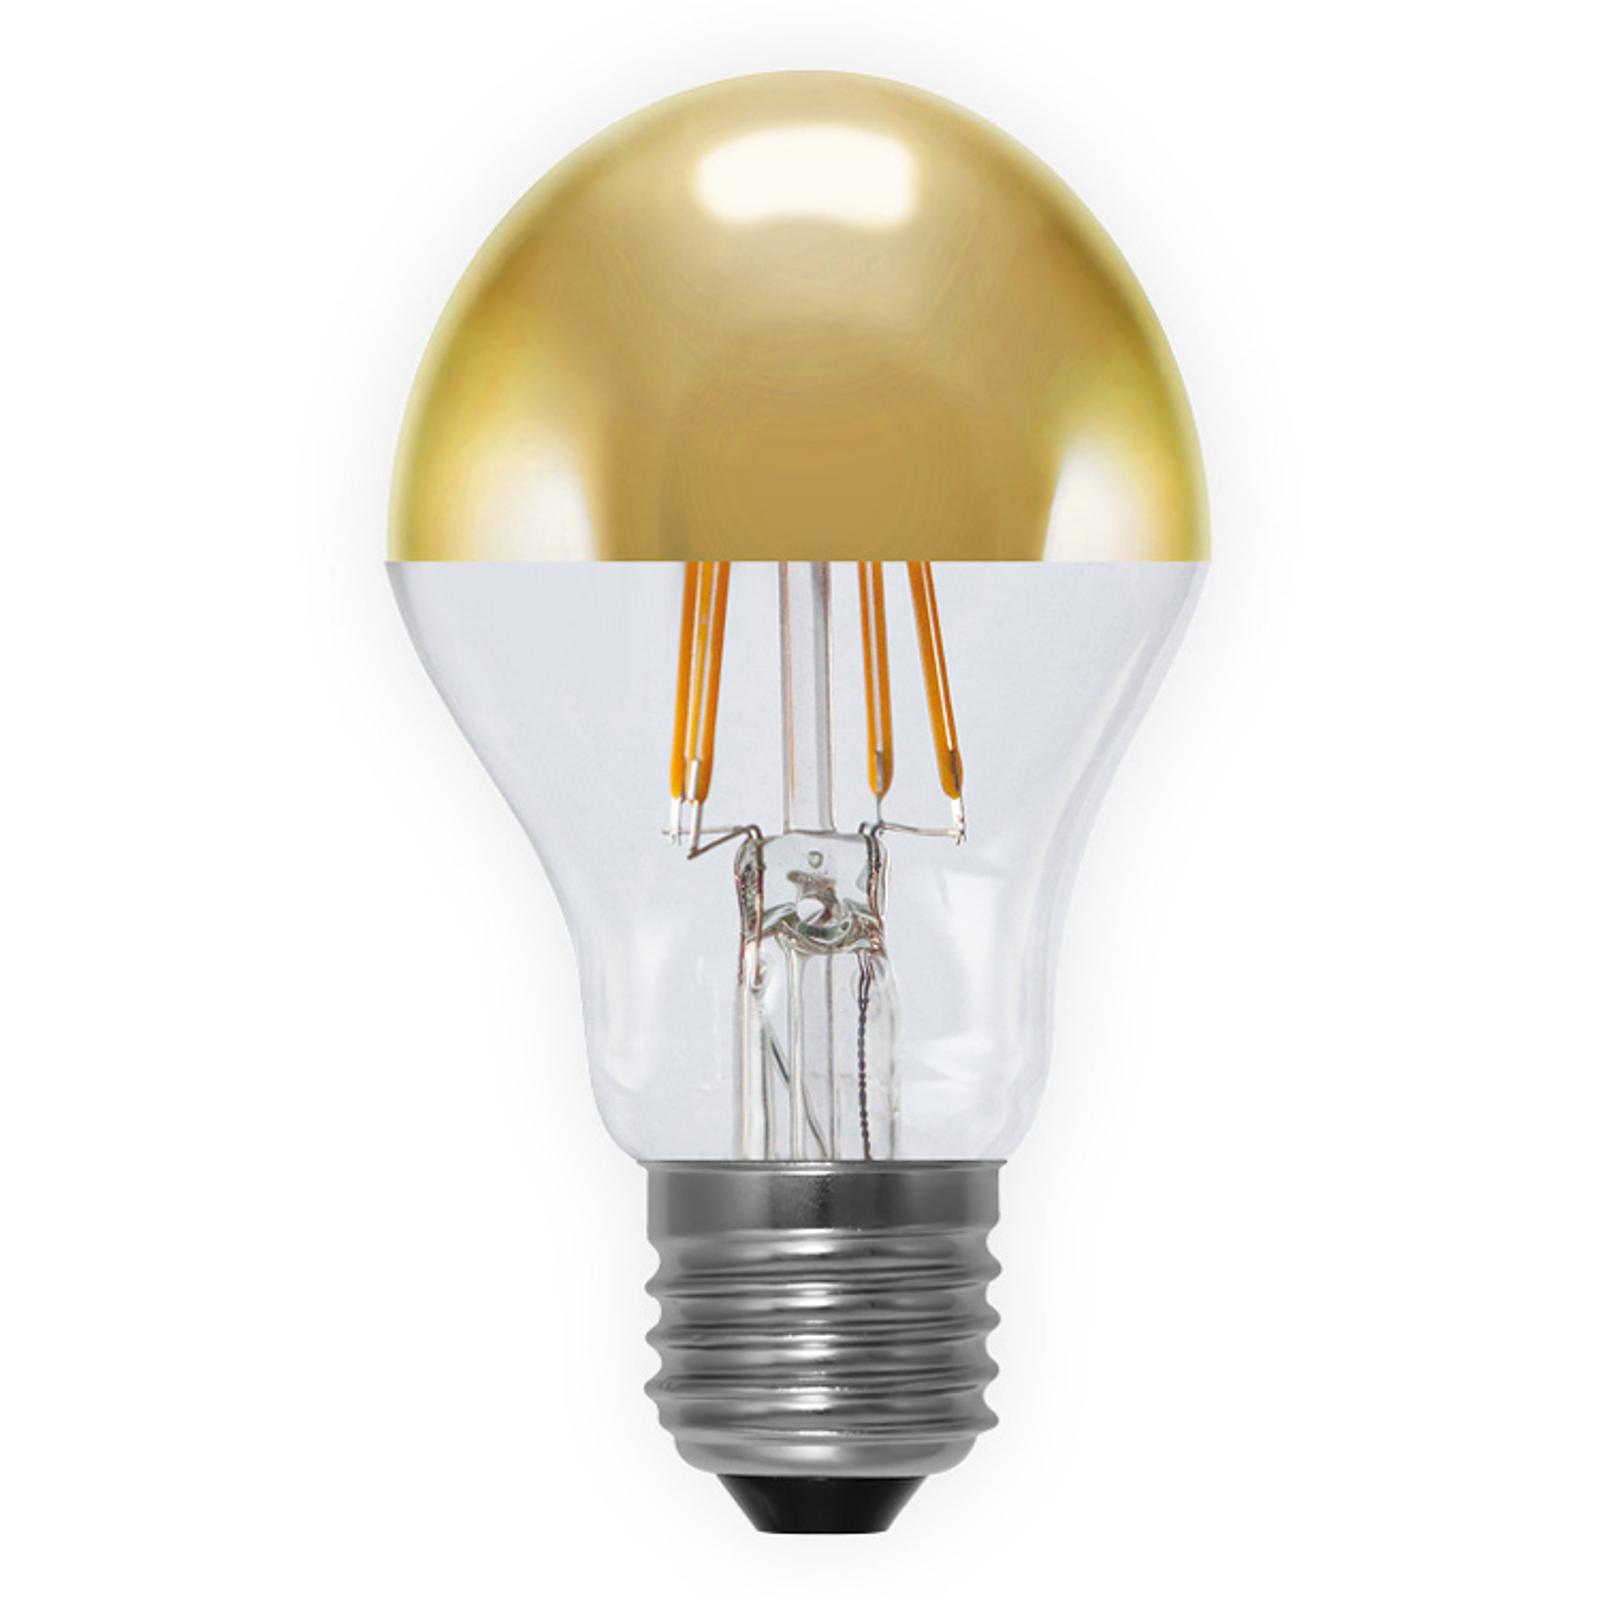 Lampadina a filamenti LED con testa specchiata 926